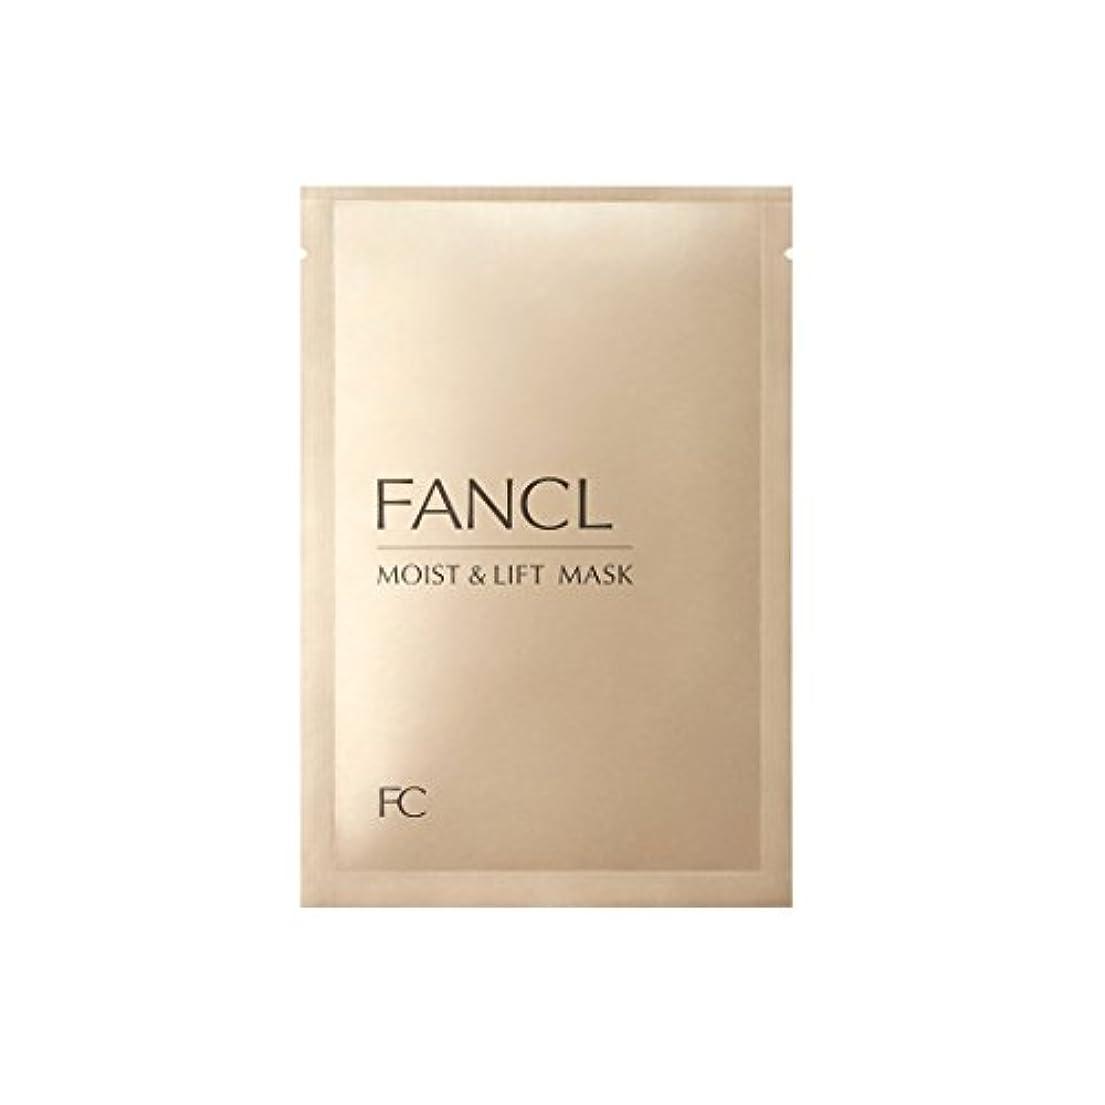 慢失業者ドルファンケル (FANCL) モイスト&リフトマスク M&L マスク 6枚セット (28mL×6)